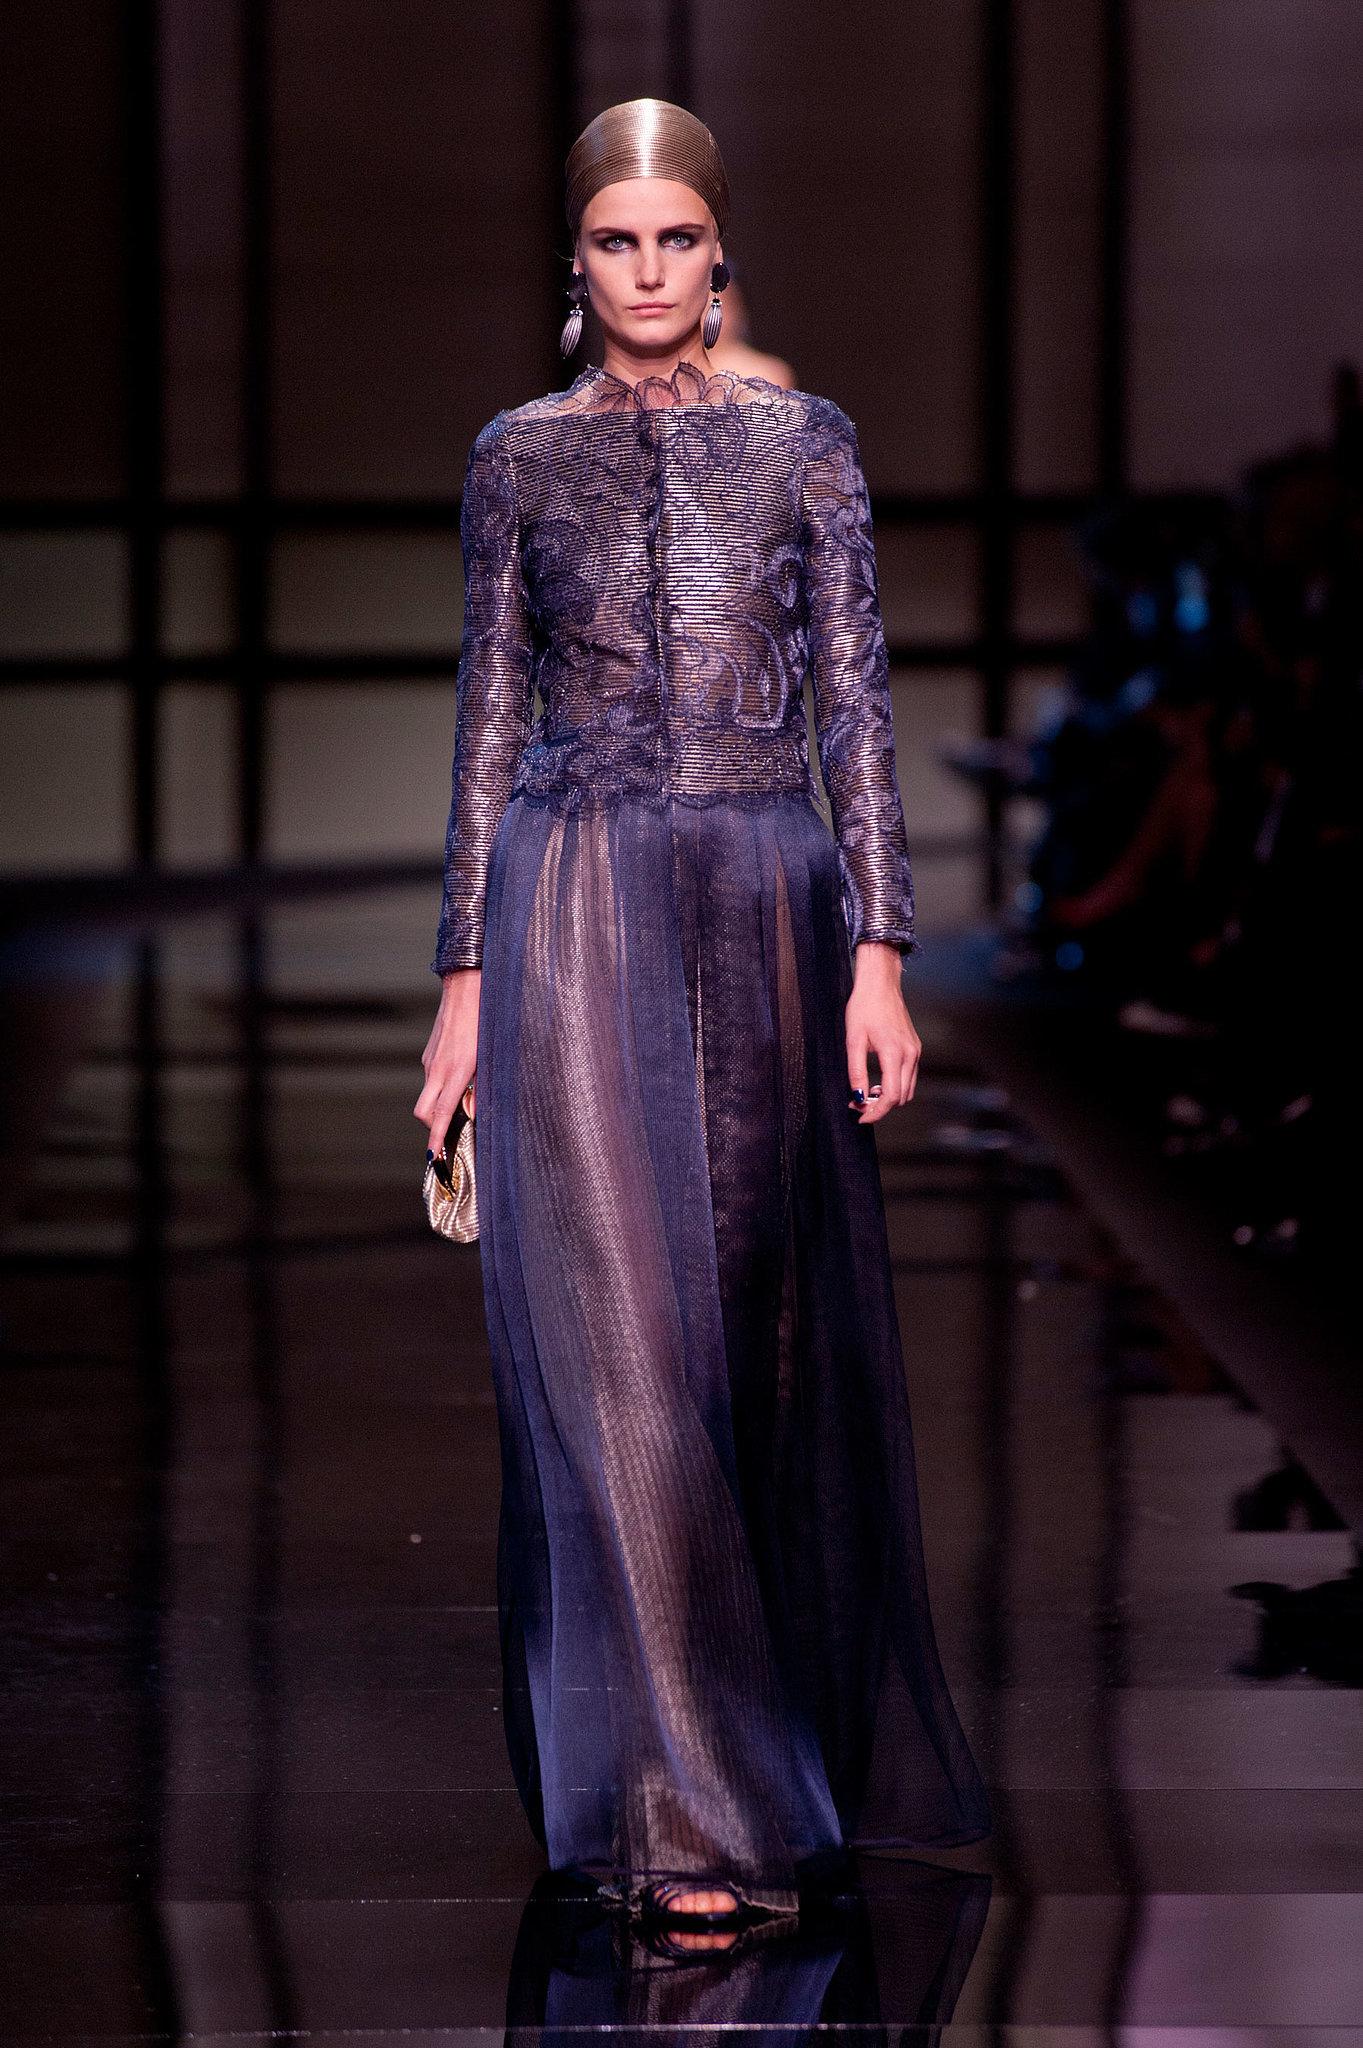 Giorgio Armani Privé Haute Couture Spring 2014 | POPSUGAR Fashion Giorgio Armani